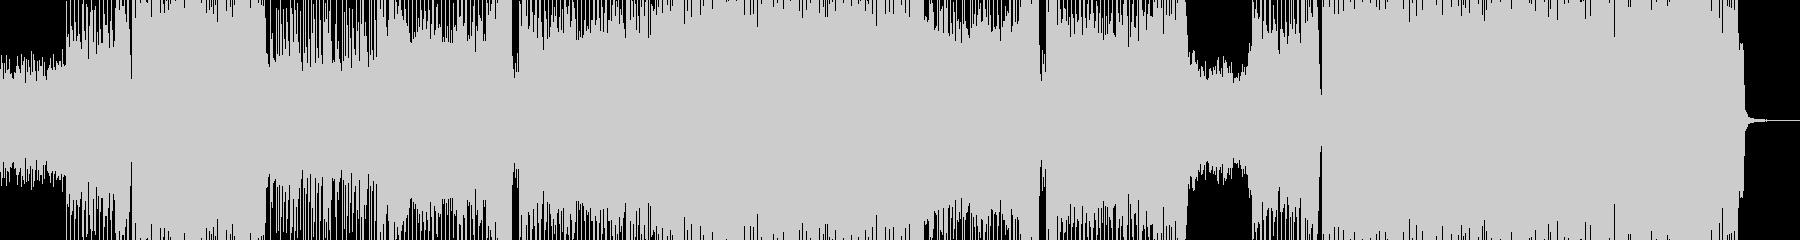 激しいド派手な展開に適したロック 短尺+の未再生の波形